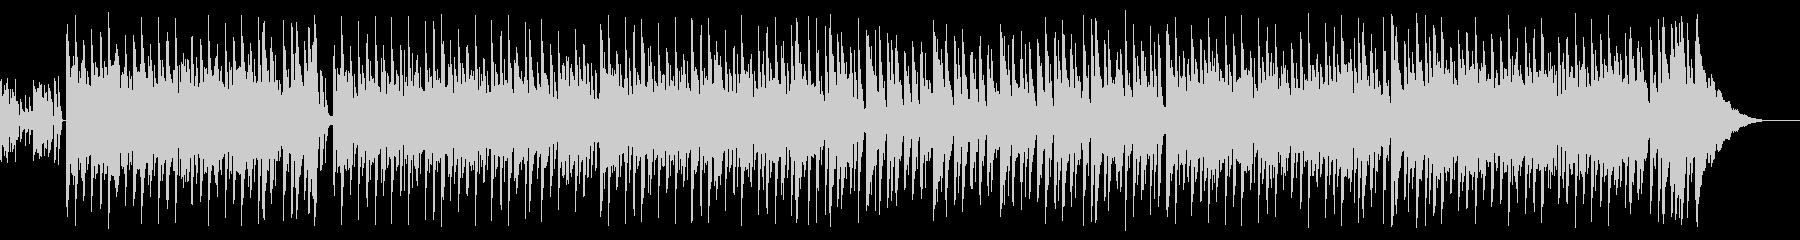 夏っぽいEDM系ボサノバチックBGMの未再生の波形